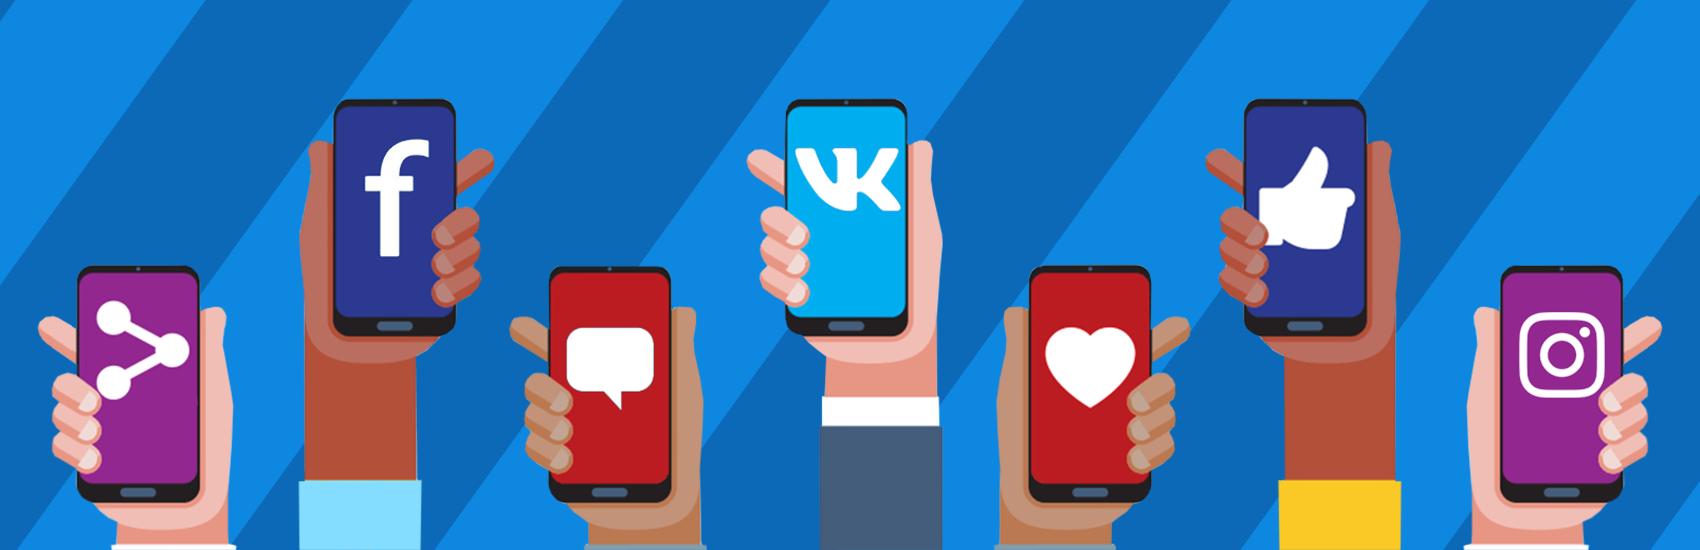 Разрабатываем стратегию продвижения компании в социальных сетях или зачем ТОП-менеджеру нужен личный аккаунт?